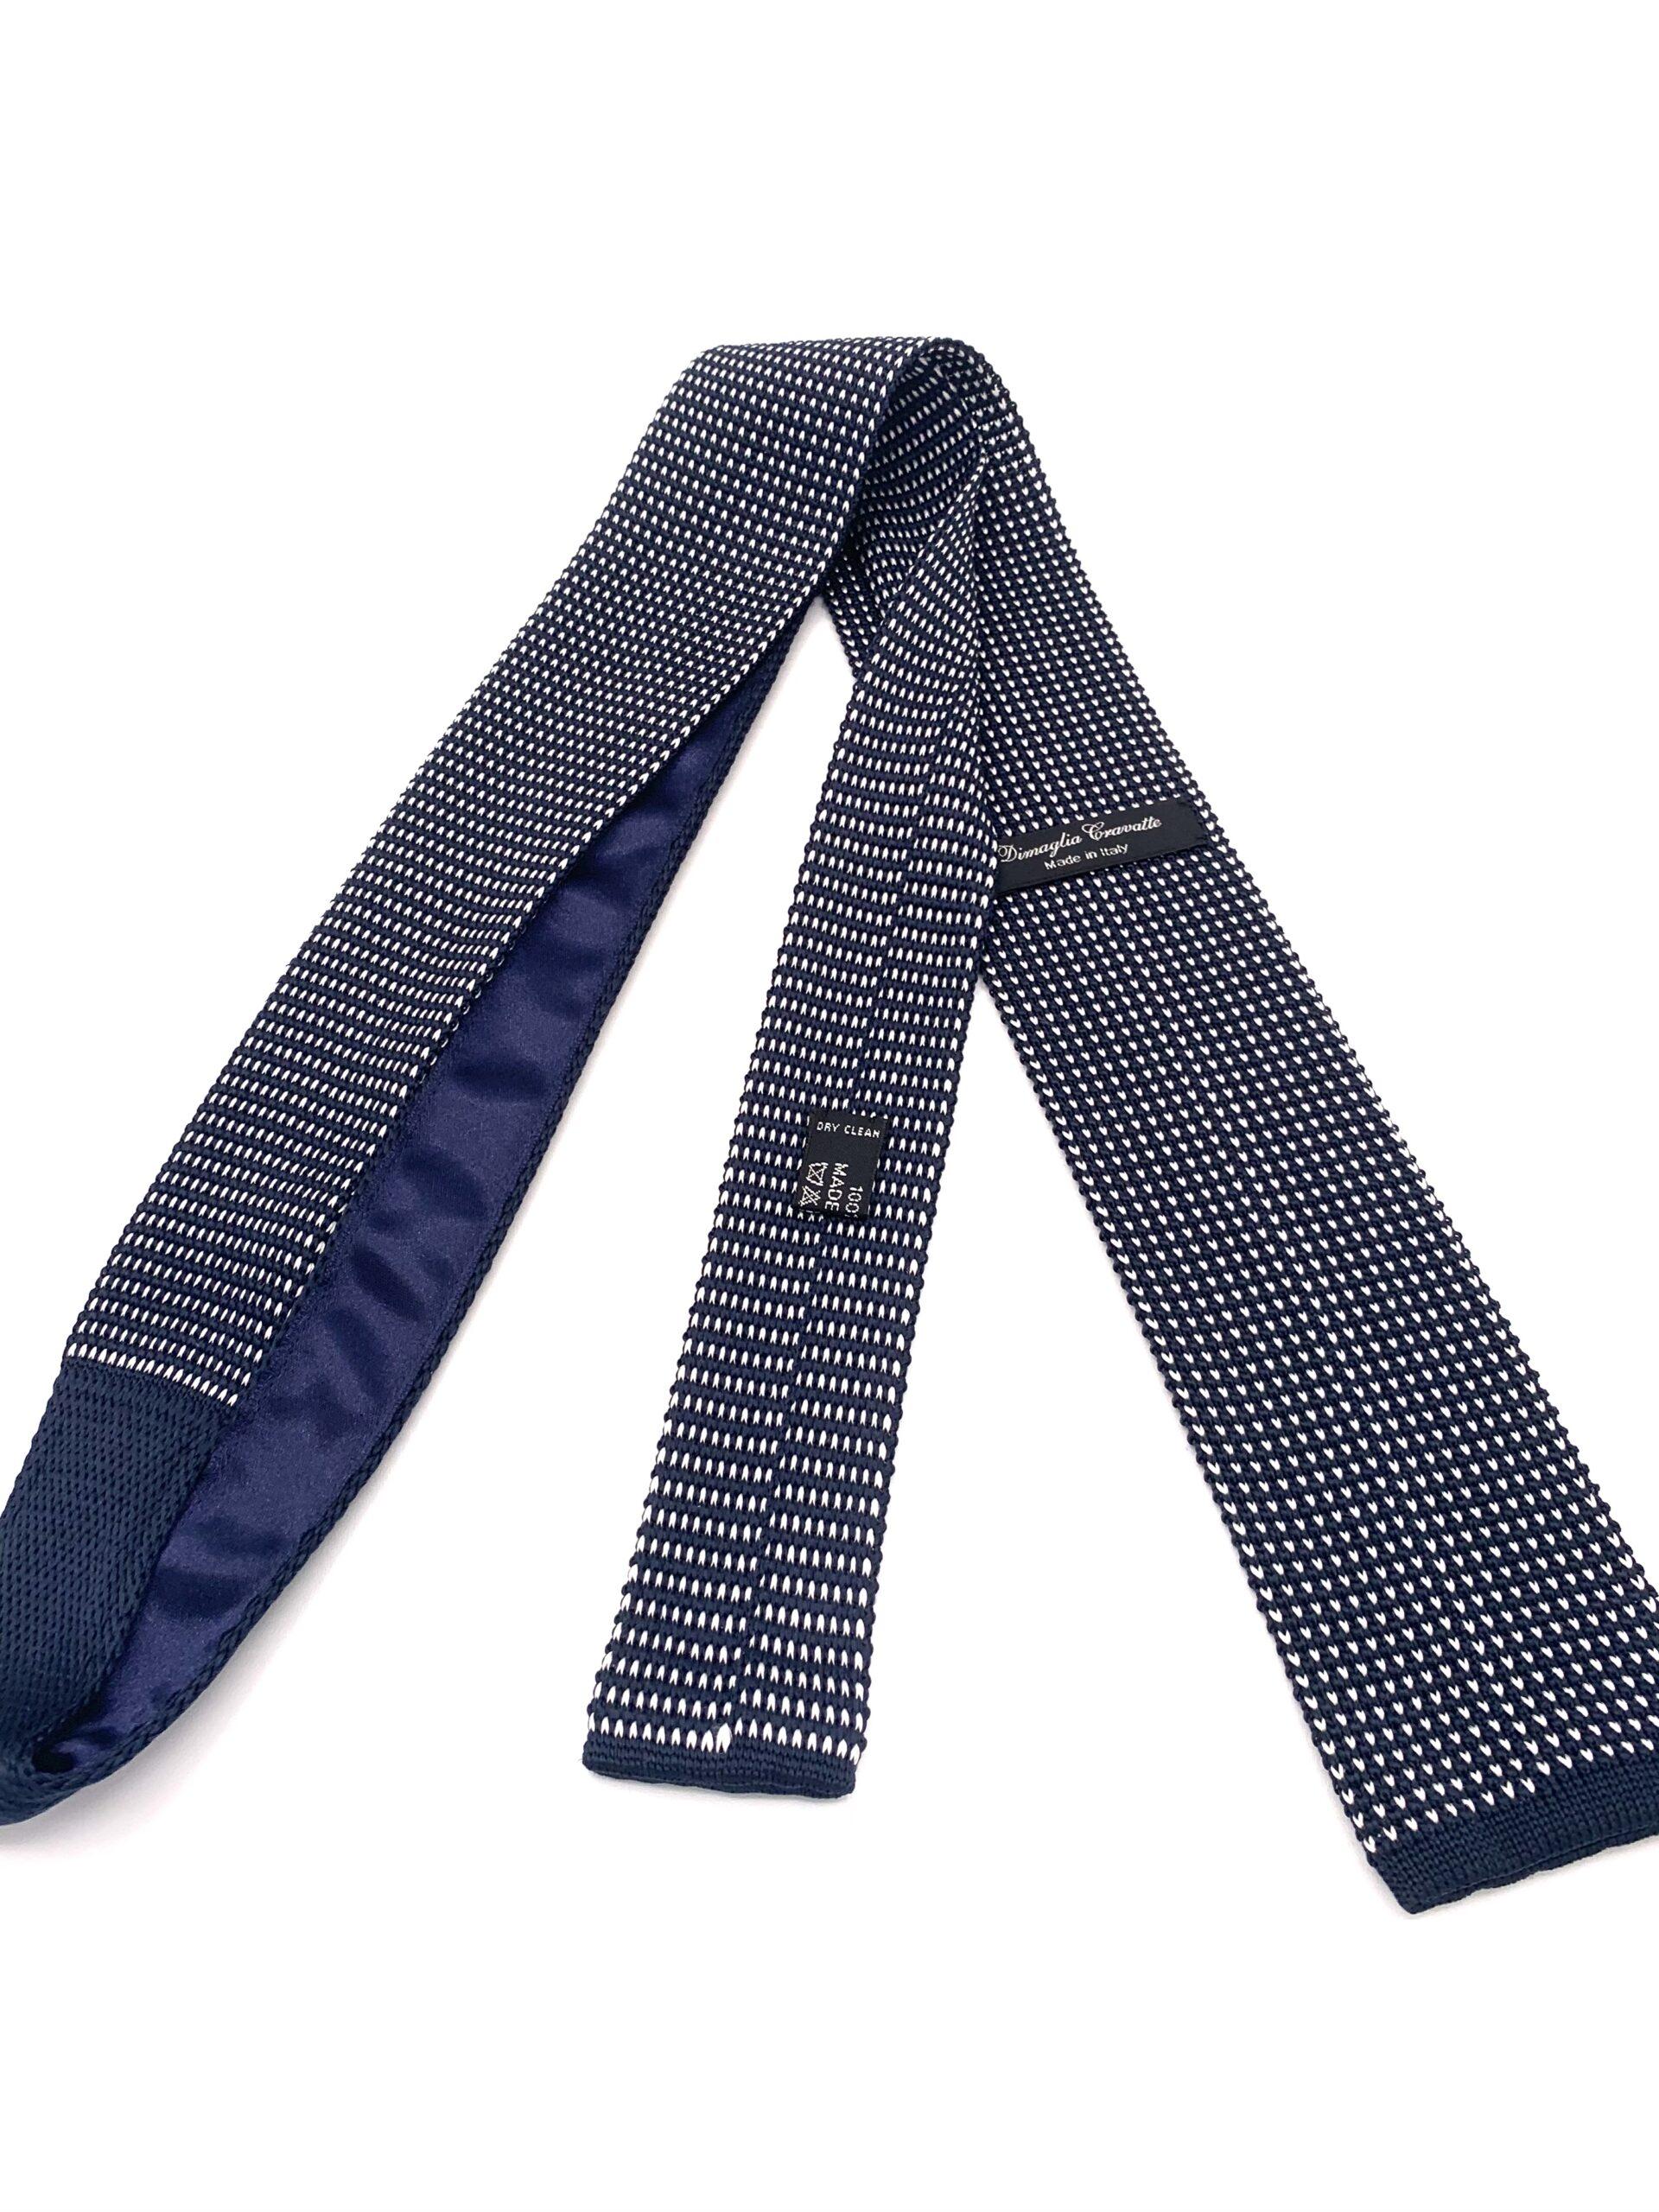 DIMAGLIA - cravatta di maglia blu e grigia retro